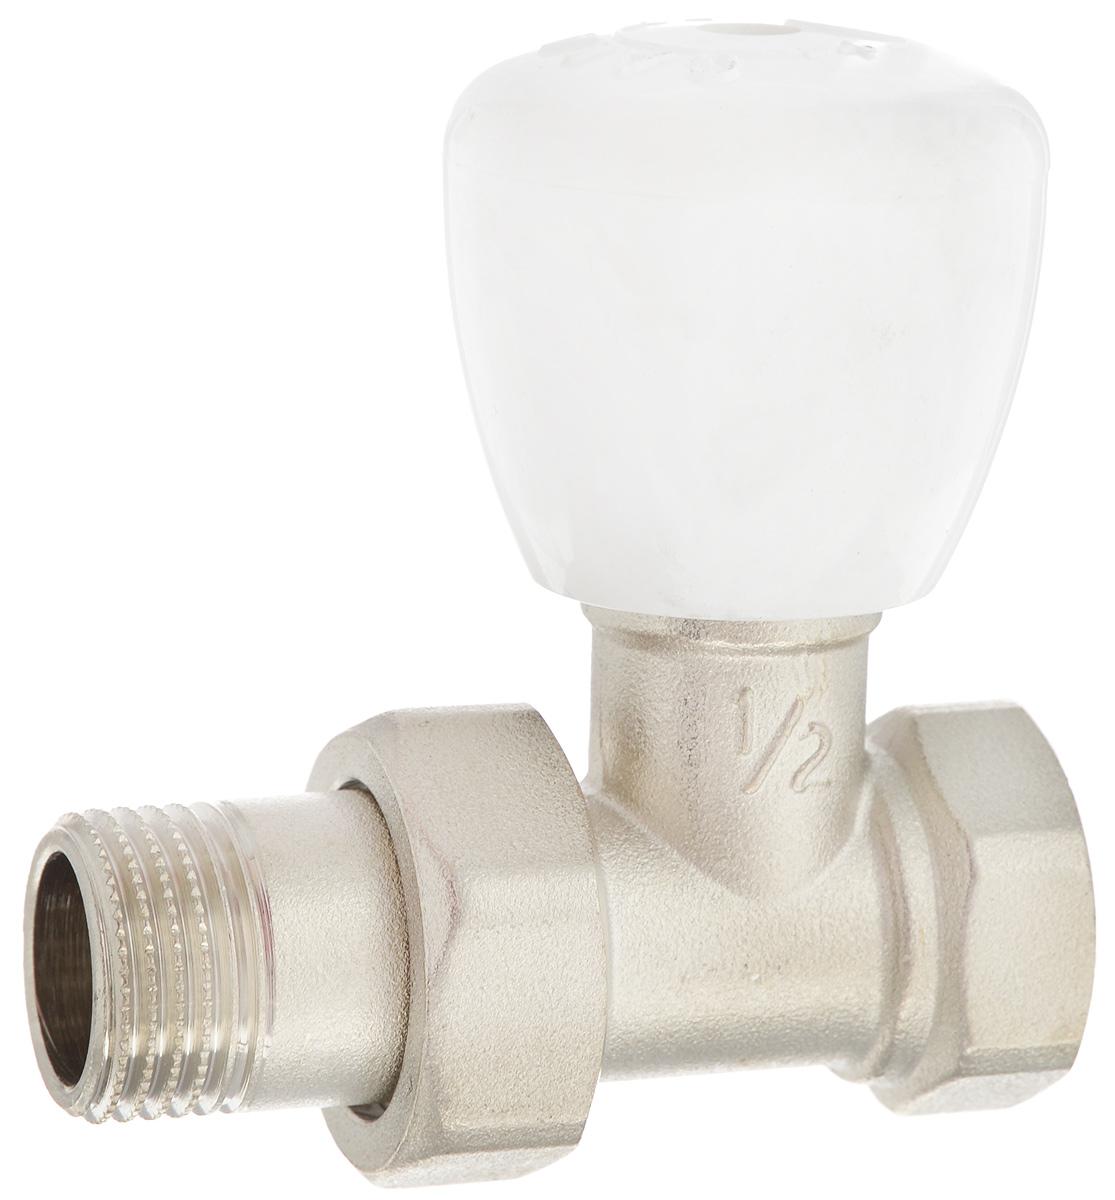 Клапан радиаторный Fornara, регулировочный, прямой, боковое подключение, 1/214434Клапан Fornara -это ручной радиаторный клапан, устанавливаемый на подаче радиаторов или теплообменников в системах водяного отопления.Предназначен для ручной регулировки количества поступающего в отопительный прибор теплоносителя. Клапан позволяет полностью перекрывать поток. Подключение клапана к отопительному прибору производится с помощью закладной детали и полусгона.